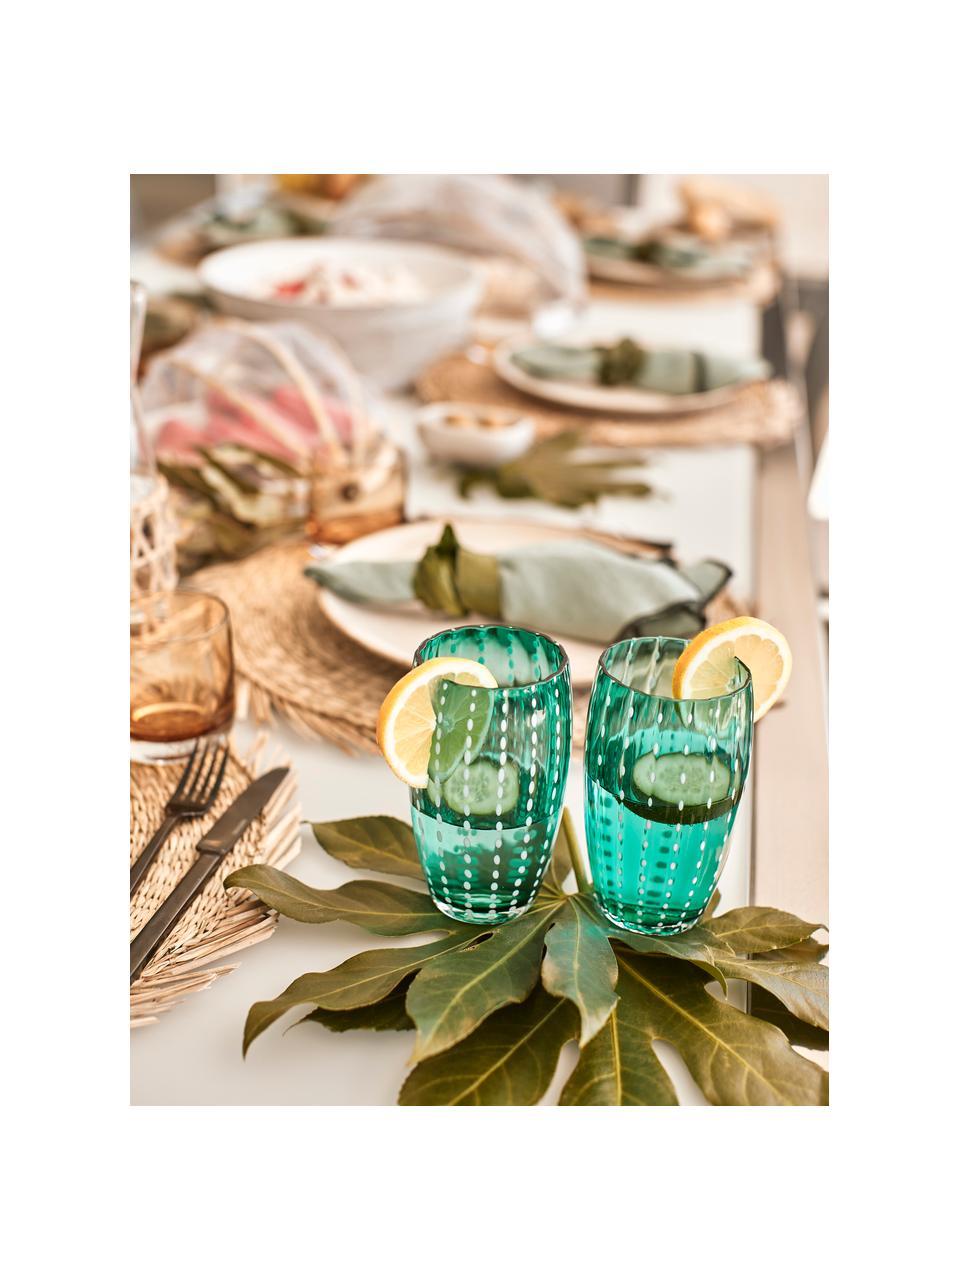 Mundgeblasene Wassergläser Perle in Bunt, 6er-Set, Glas, Transparent, Weiß, Aqua, Bernsteinfarben, Pastellviolett, Rot und Grün, Ø 7 x H 11 cm